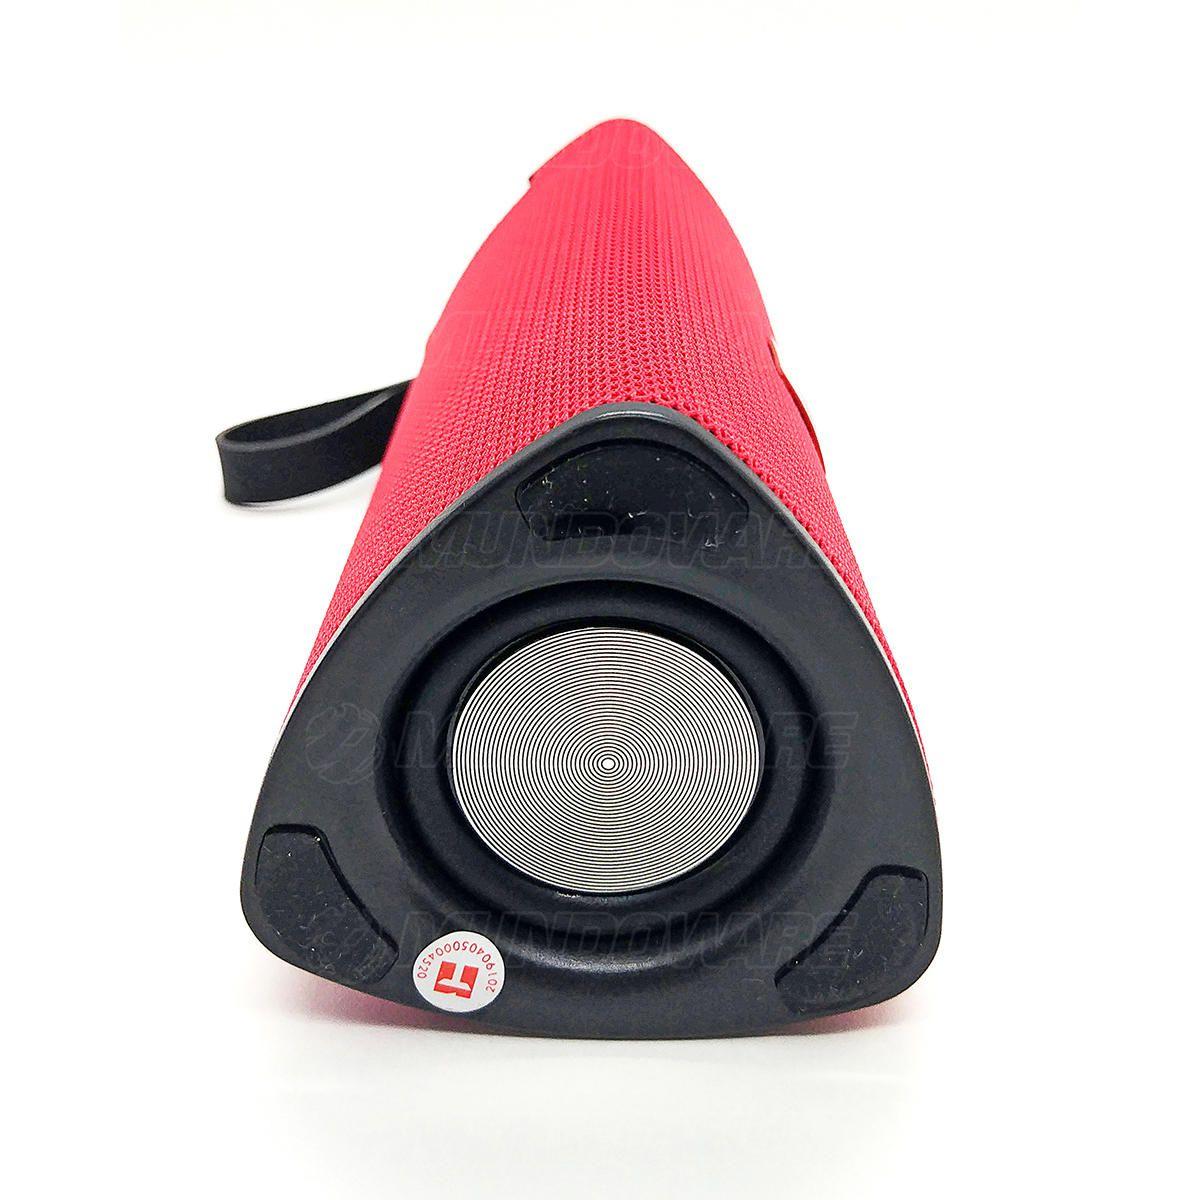 Caixa de Som Bluetooth 3.0 Portátil 10W Entrada USB Micro SD Auxiliar P2 Mic Hands Free Exbom CS-M33BT Vermelha